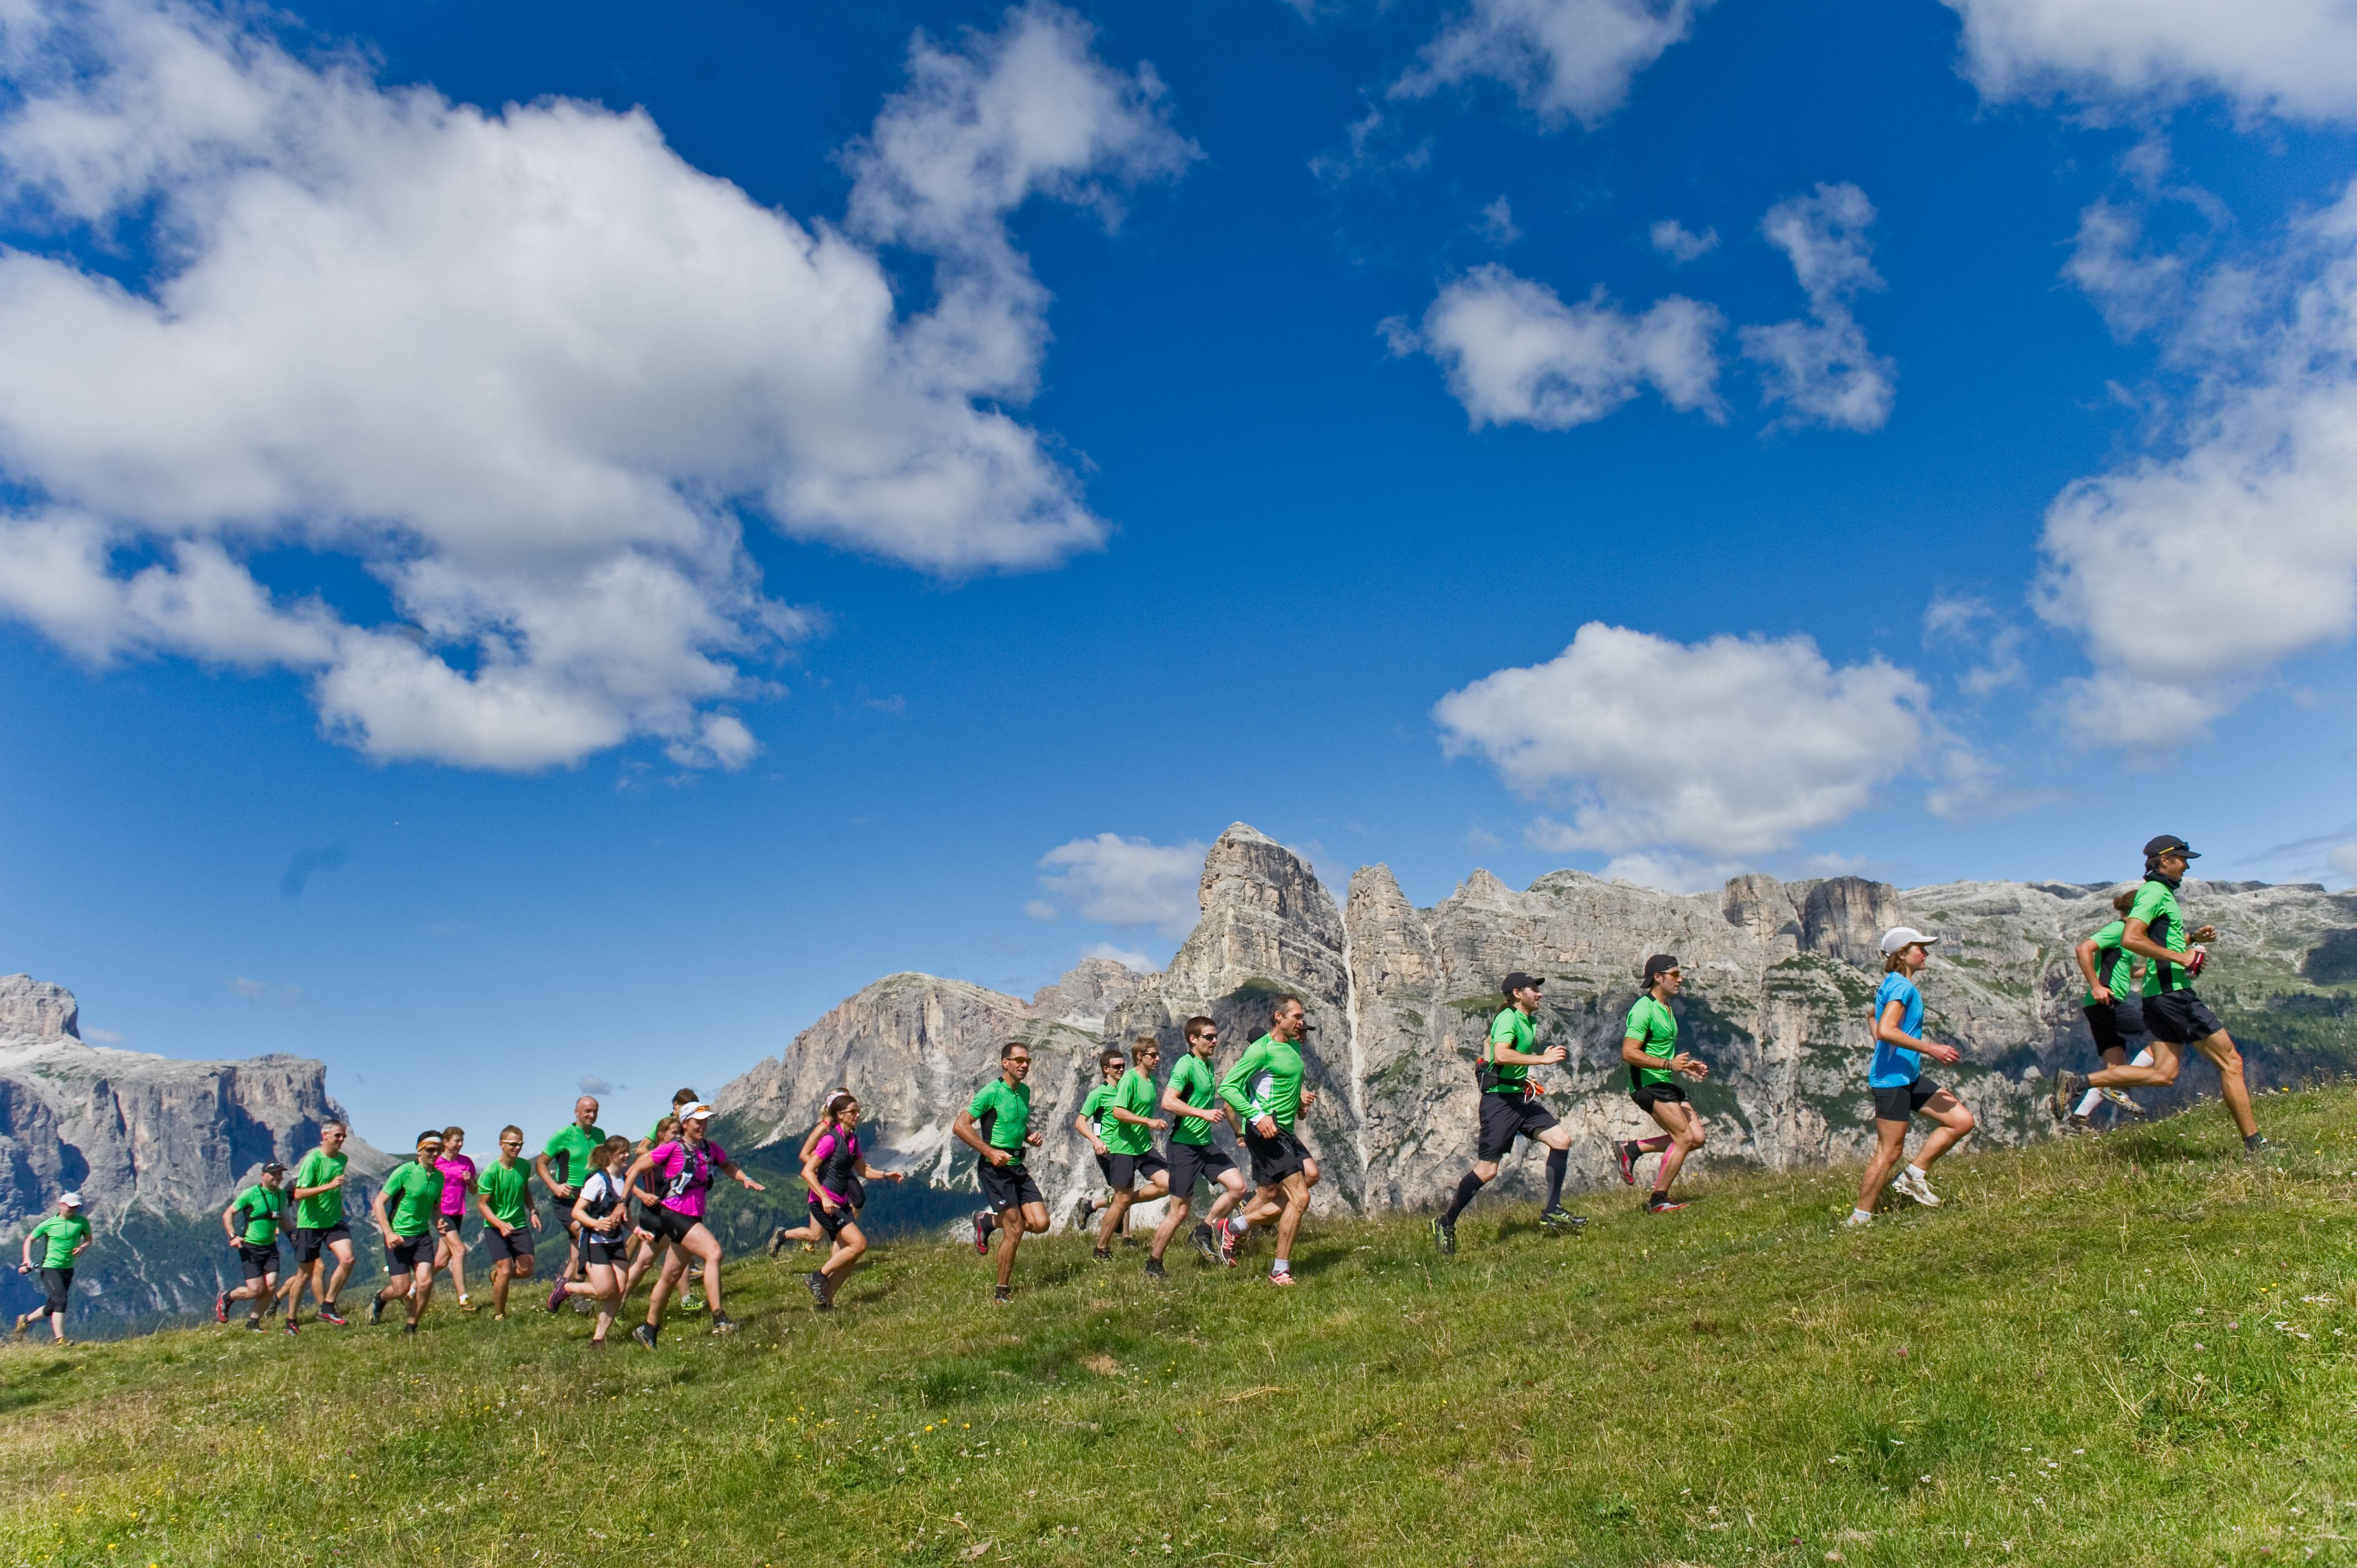 competencia de Trail Running